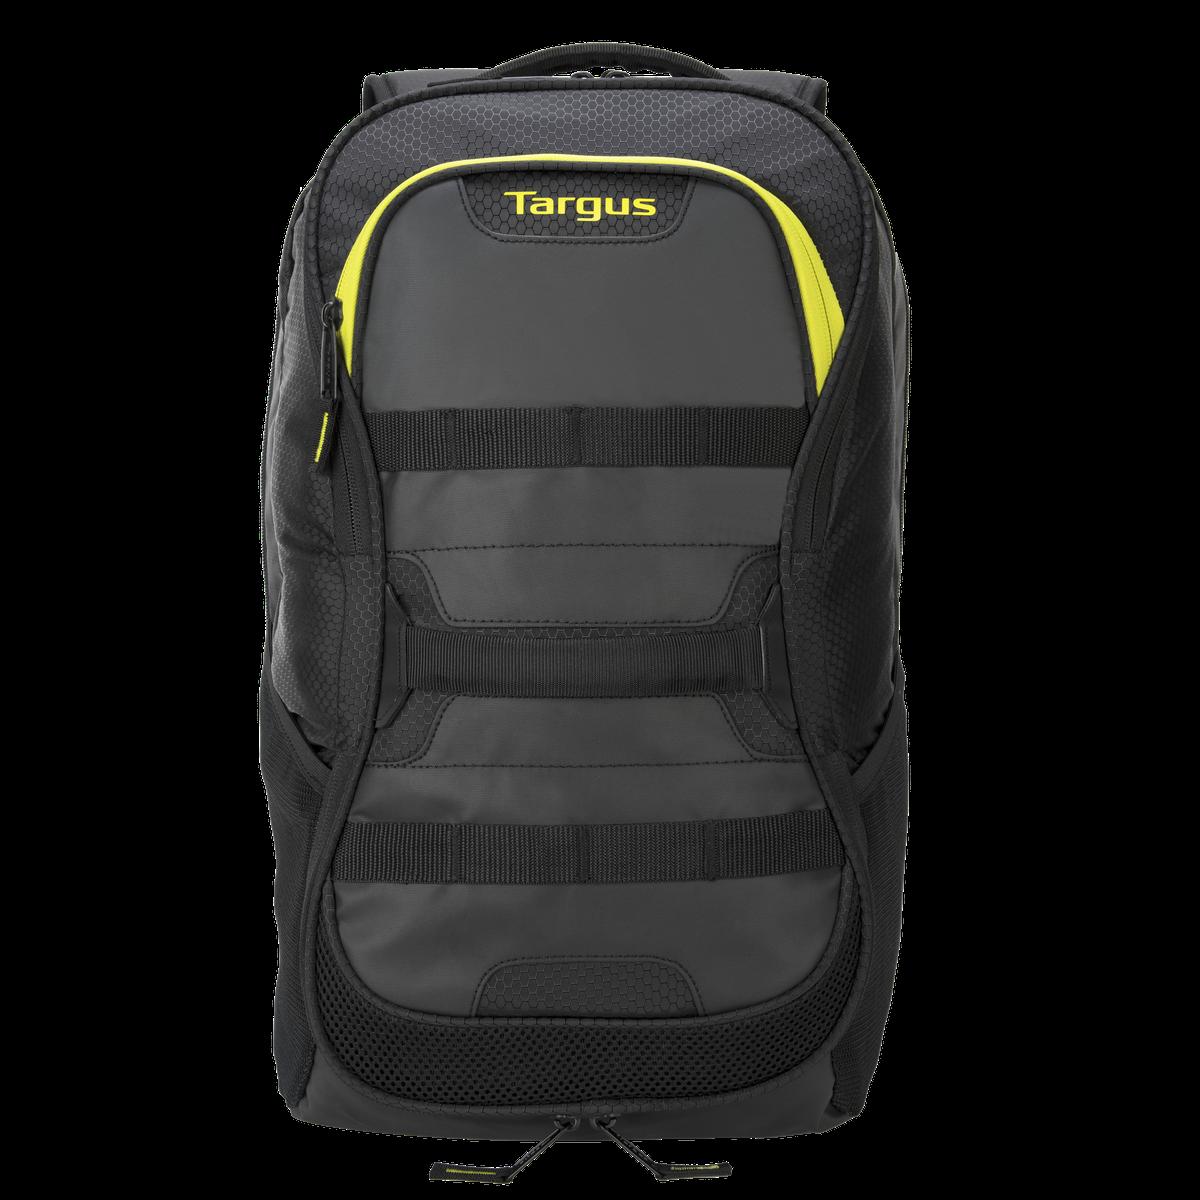 Harga Travel Bag Samsonite Indonesia